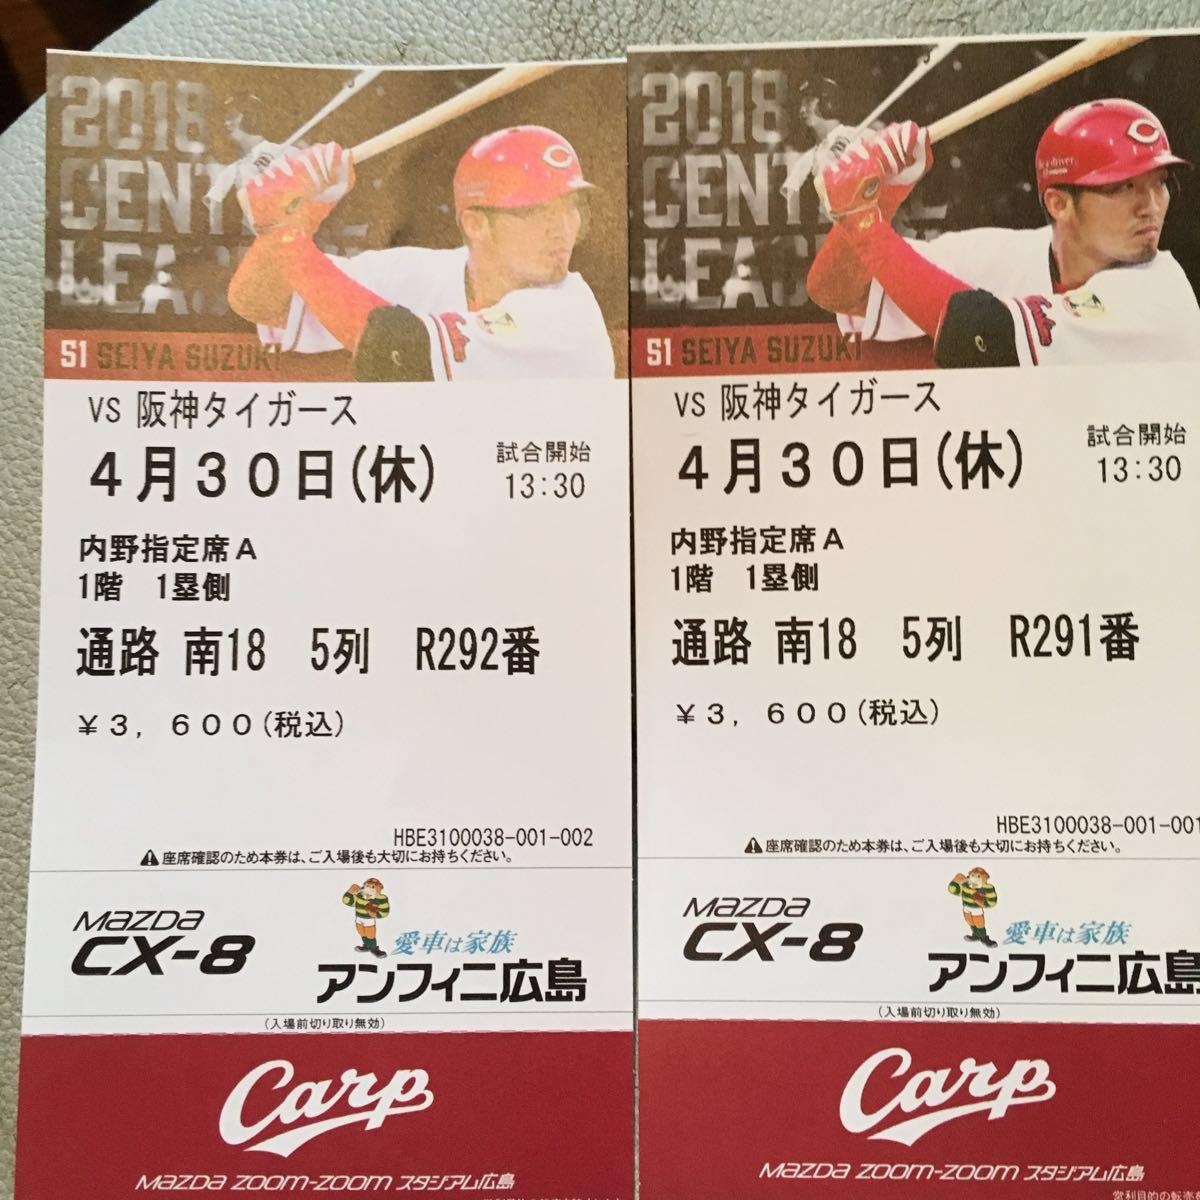 4/30休 広島カープ VS 阪神タイガース 内野指定A一塁側 南18 5列 通路側二連番 雨天中止保証90% 良席